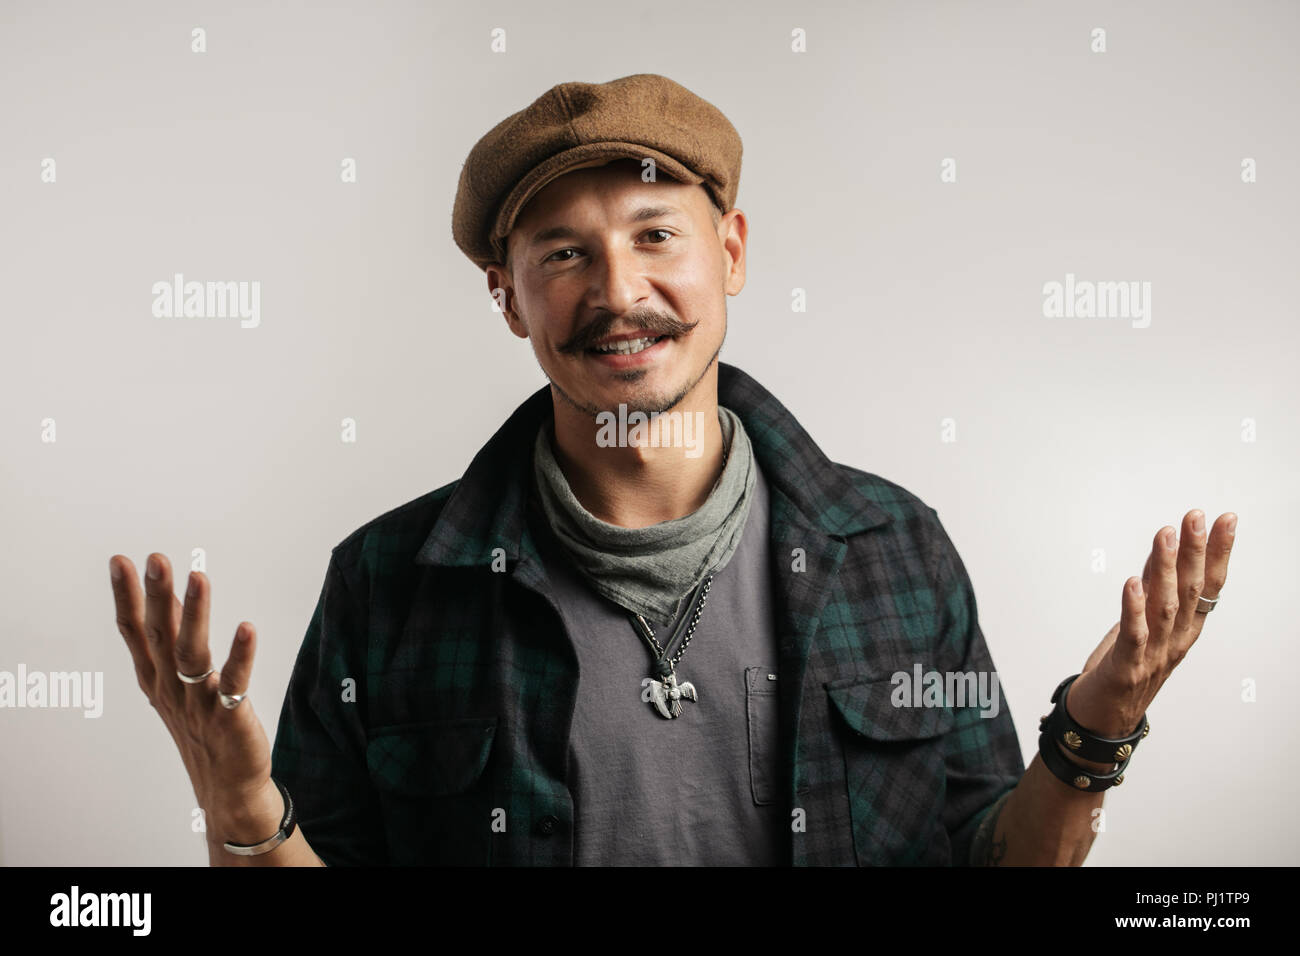 Kaukasische Mann mit Schnurrbart mit Zweifel Ausdruck, sie verwirren und Konzept Wunder. Stockbild